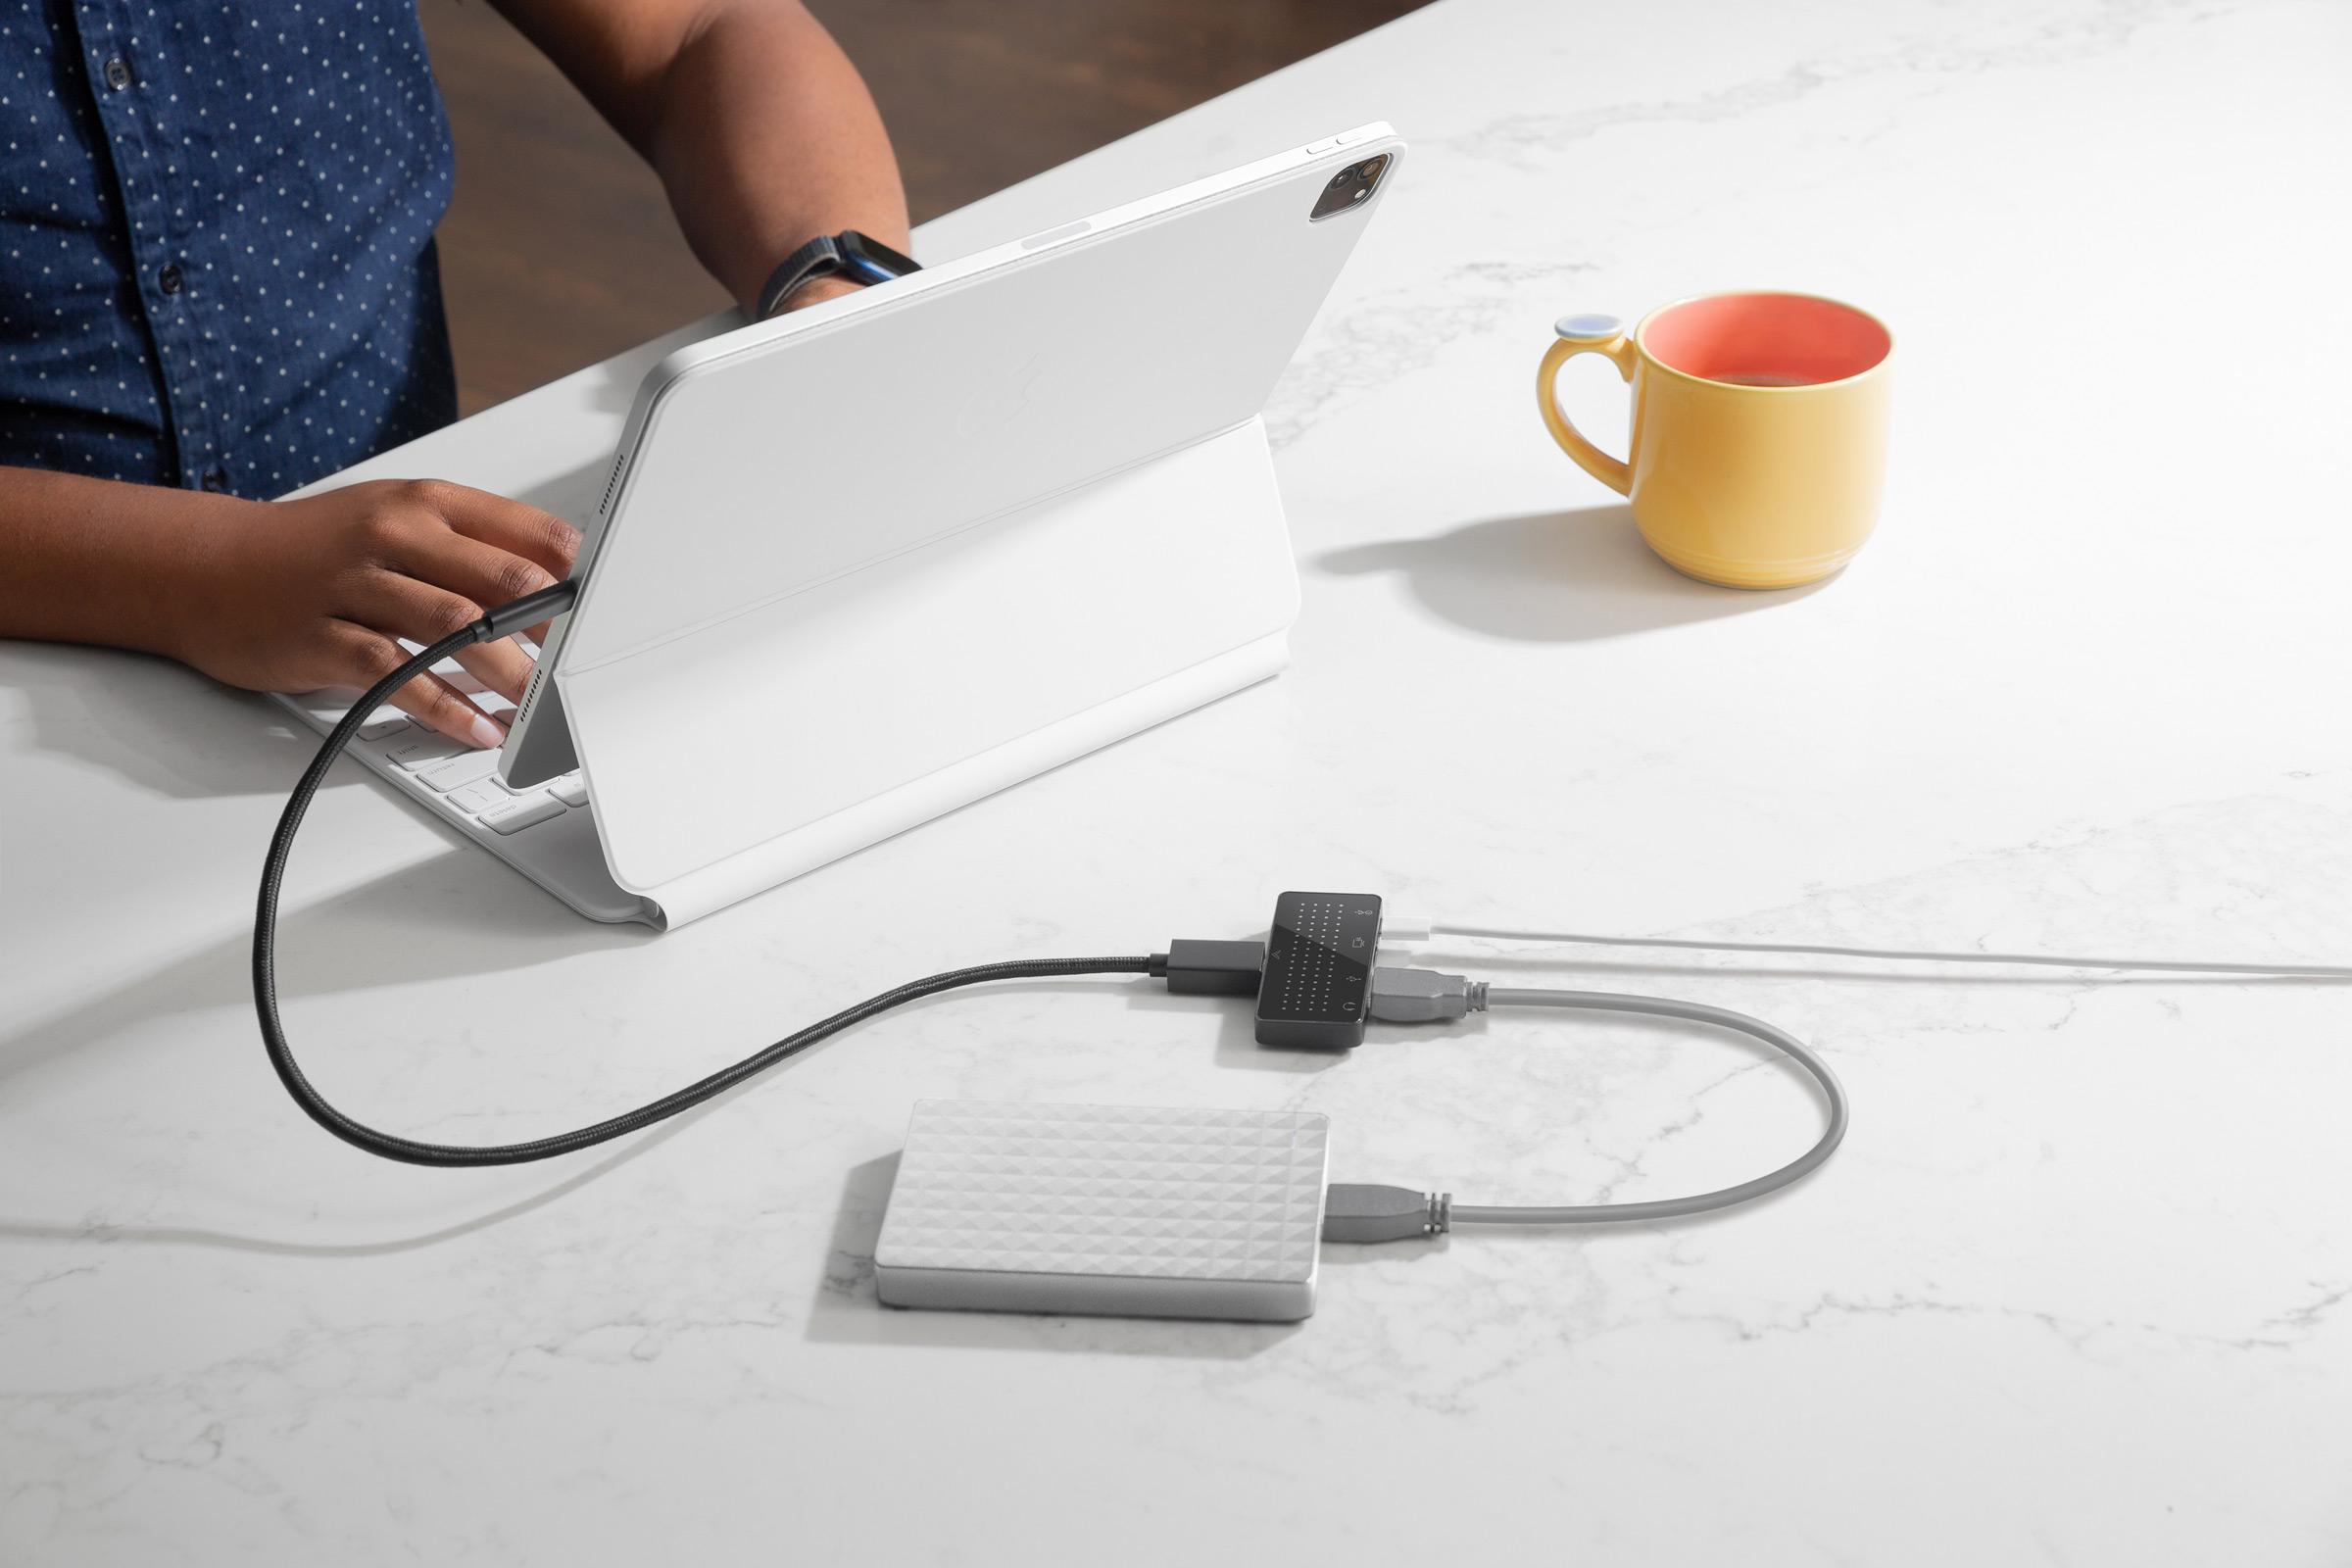 付属のケーブルでiPadやその他の機器とダイレクト接続もOK